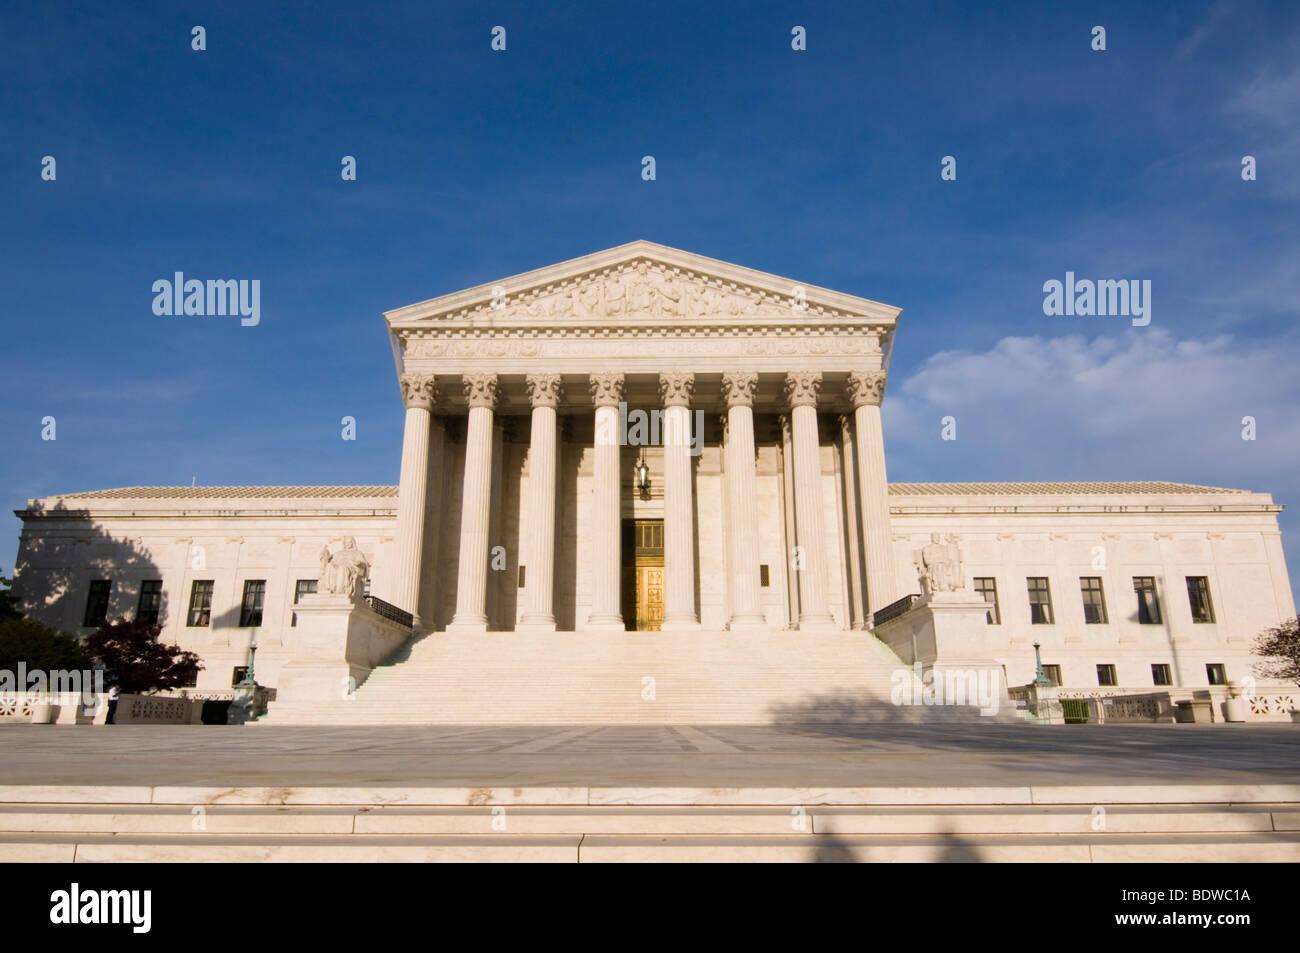 Die Schritte des United States Supreme Court Gebäude in späten Nachmittag Sonnenlicht getaucht. Stockbild